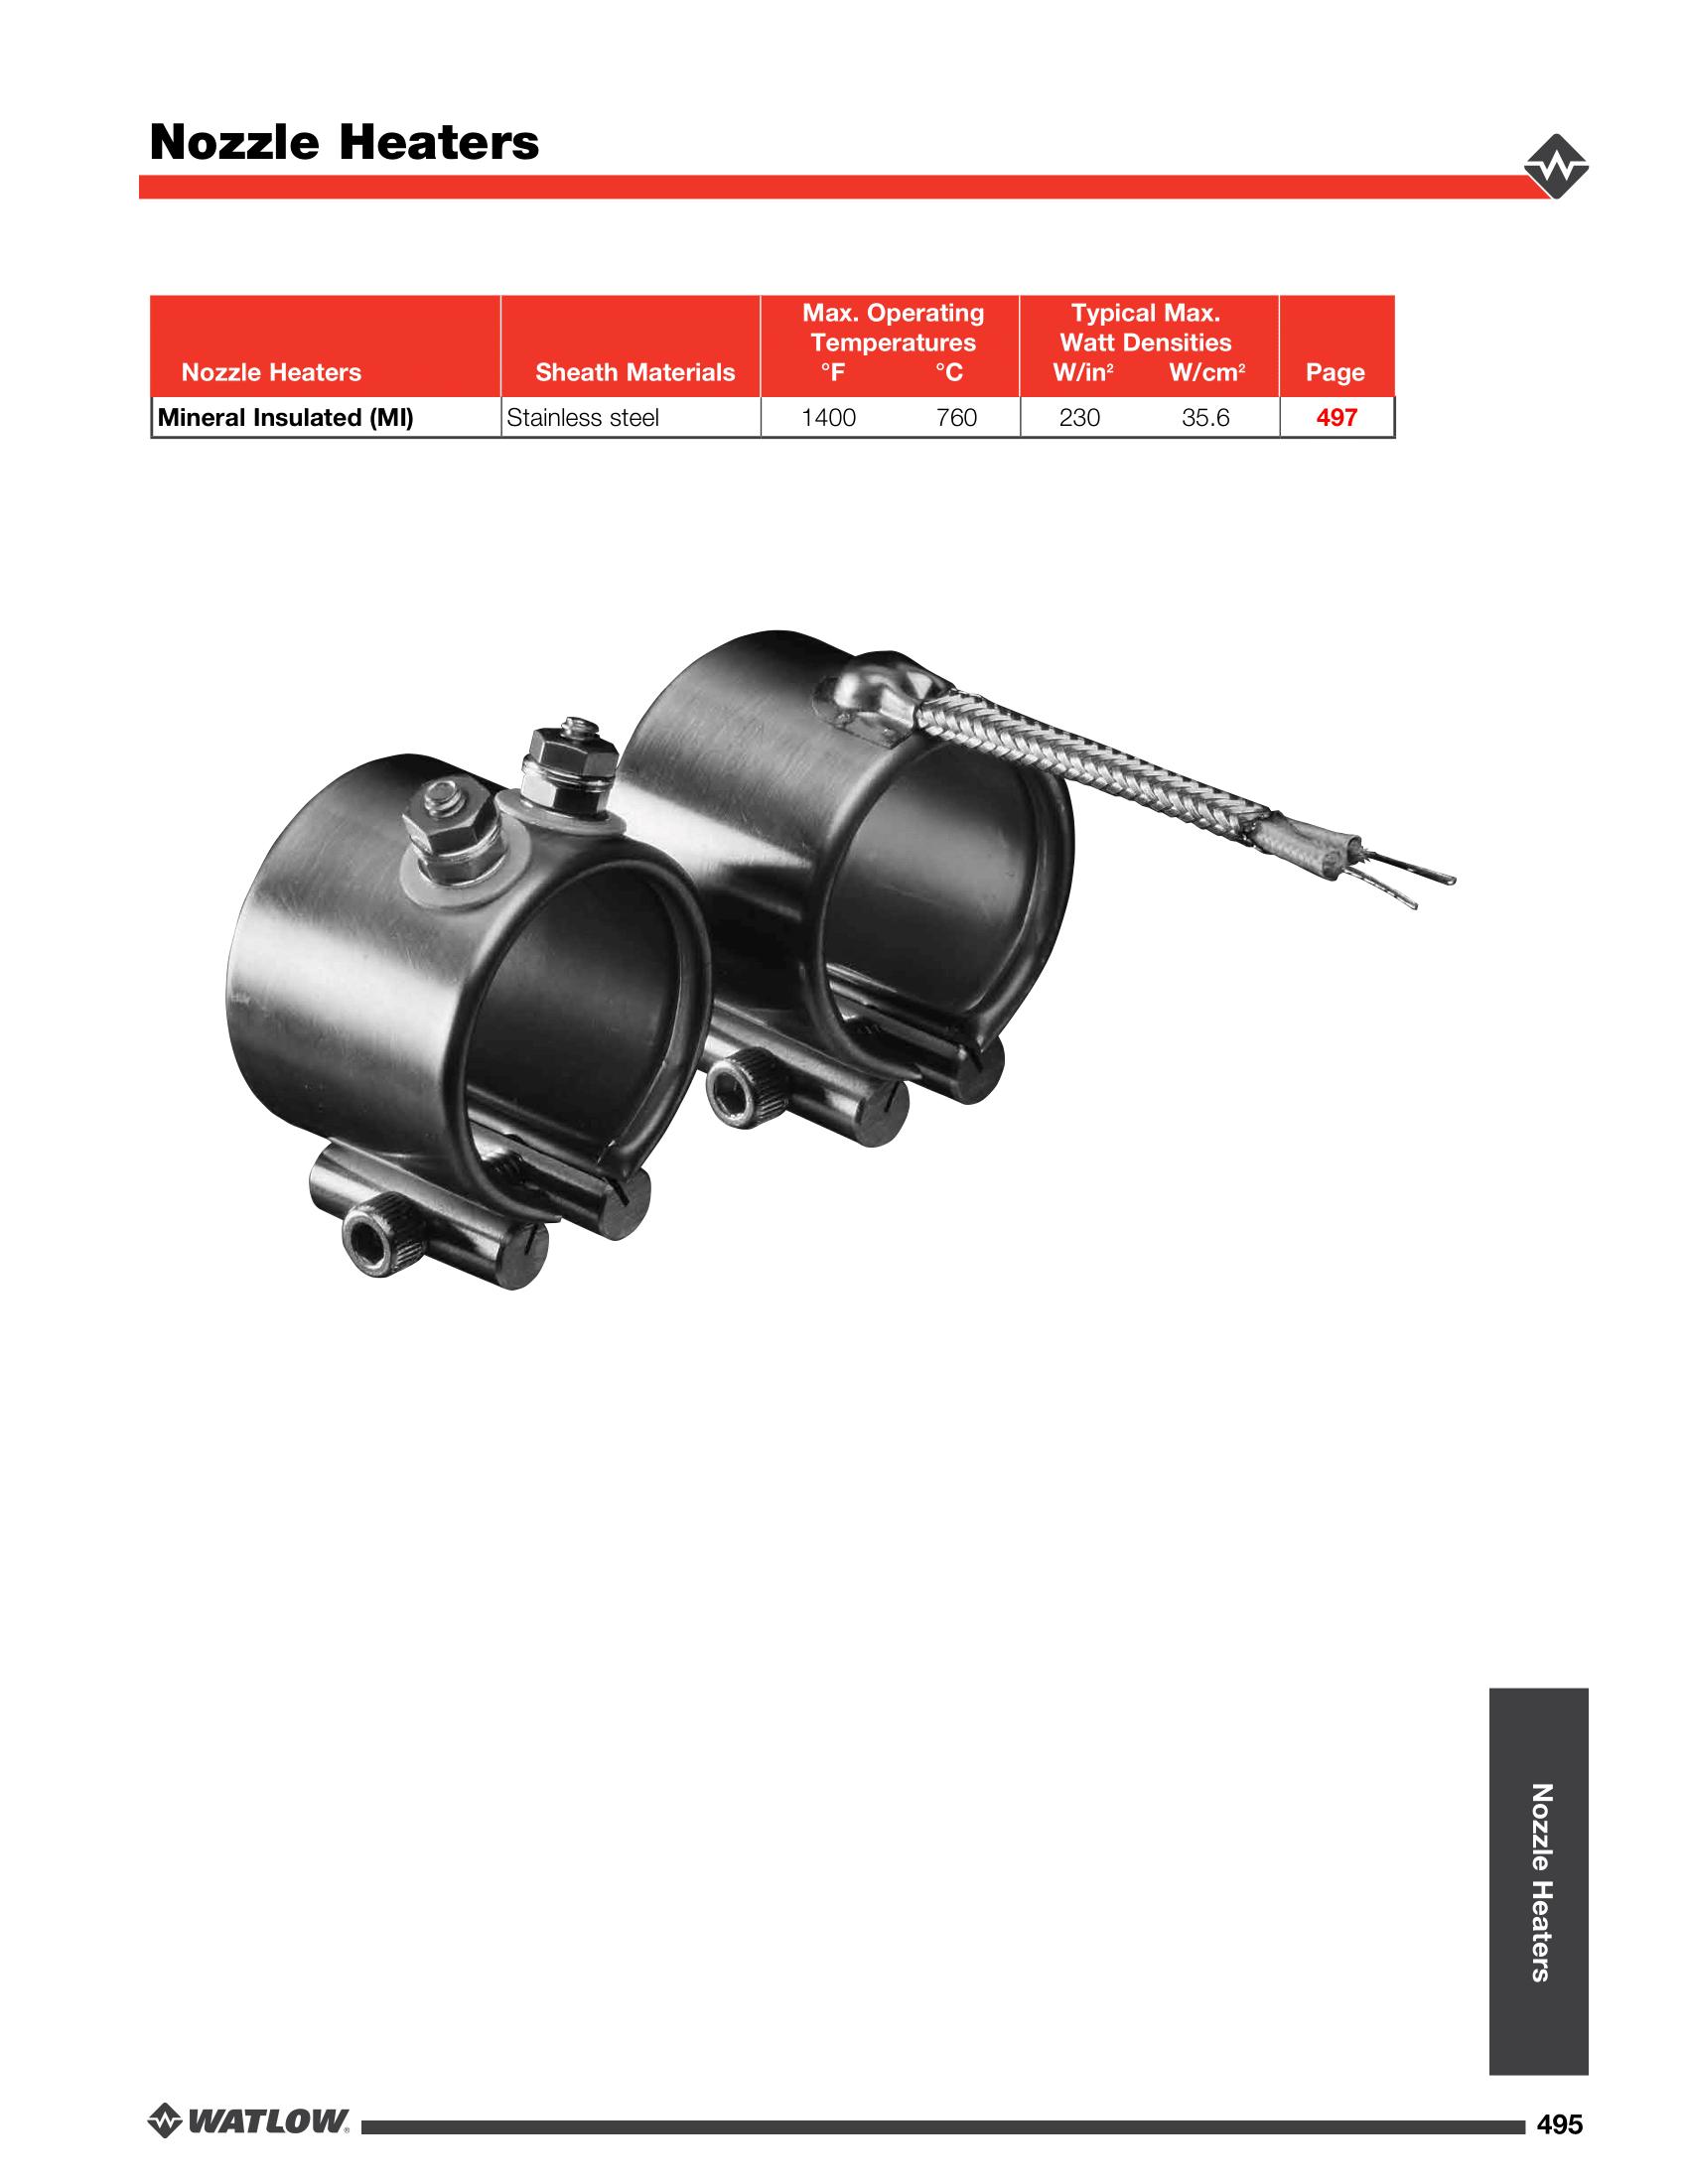 Nozzle-Heaters0618-1